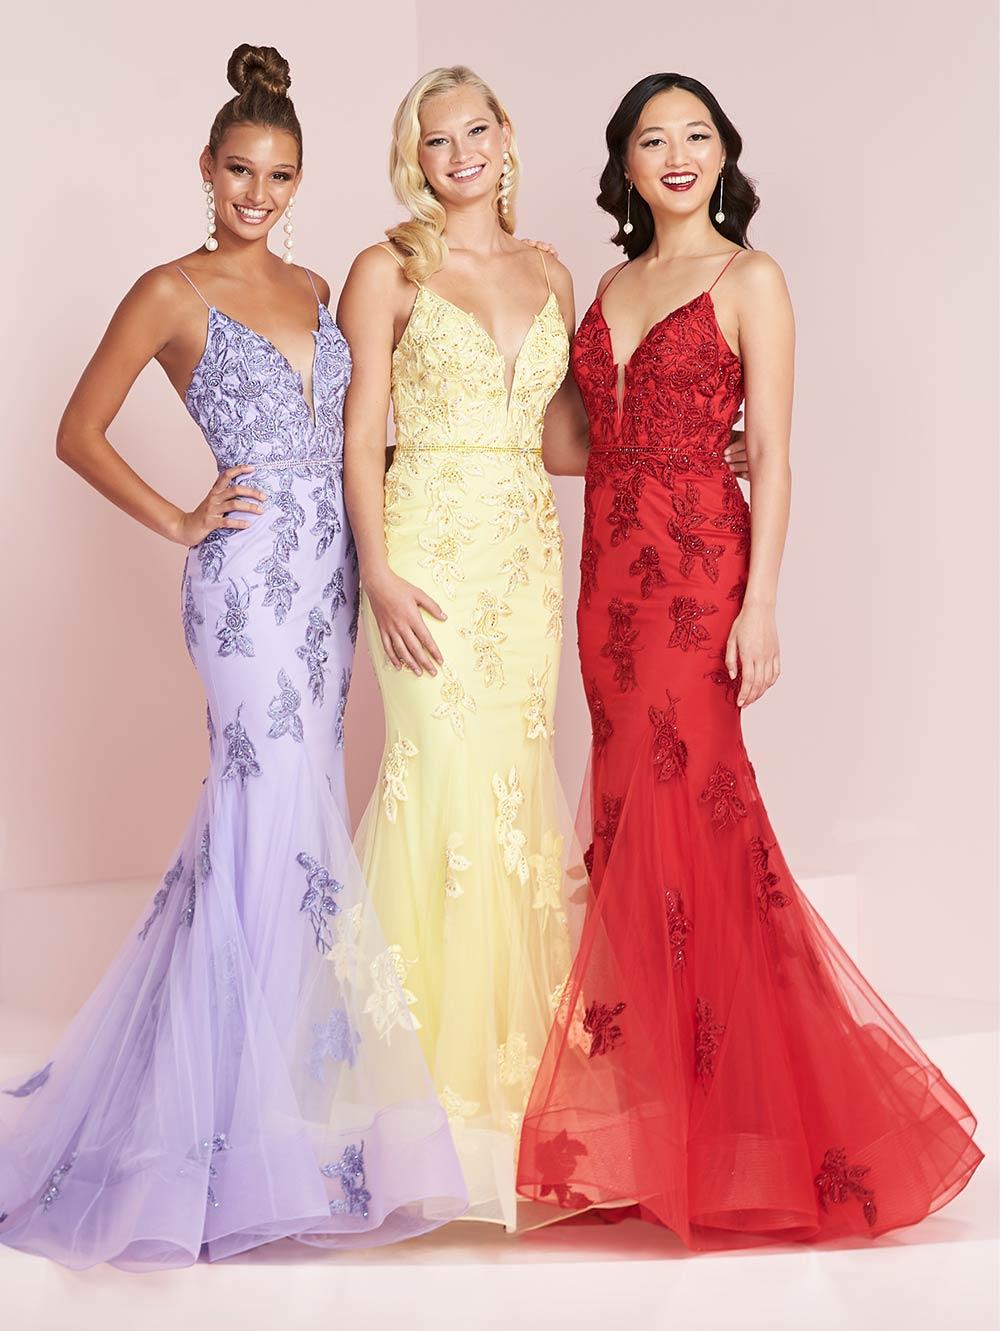 prom-dresses-jacquelin-bridals-canada-27581